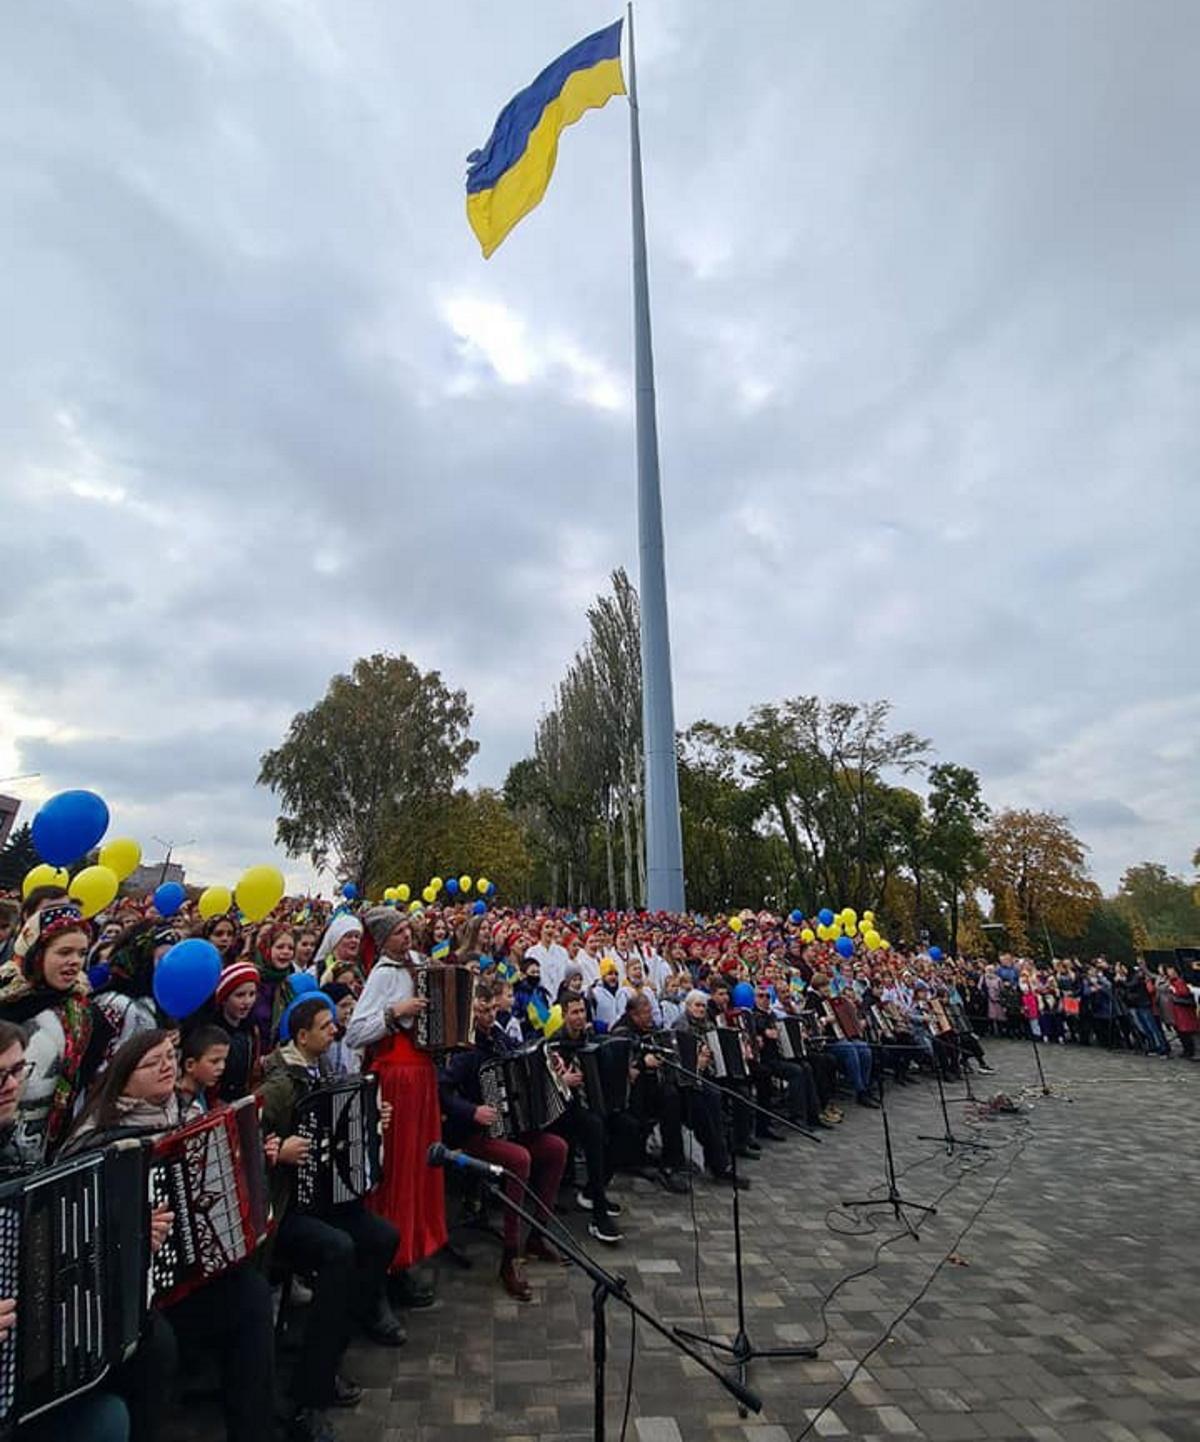 Для установки рекорда участники собрались в парке Героев возле флагштока.